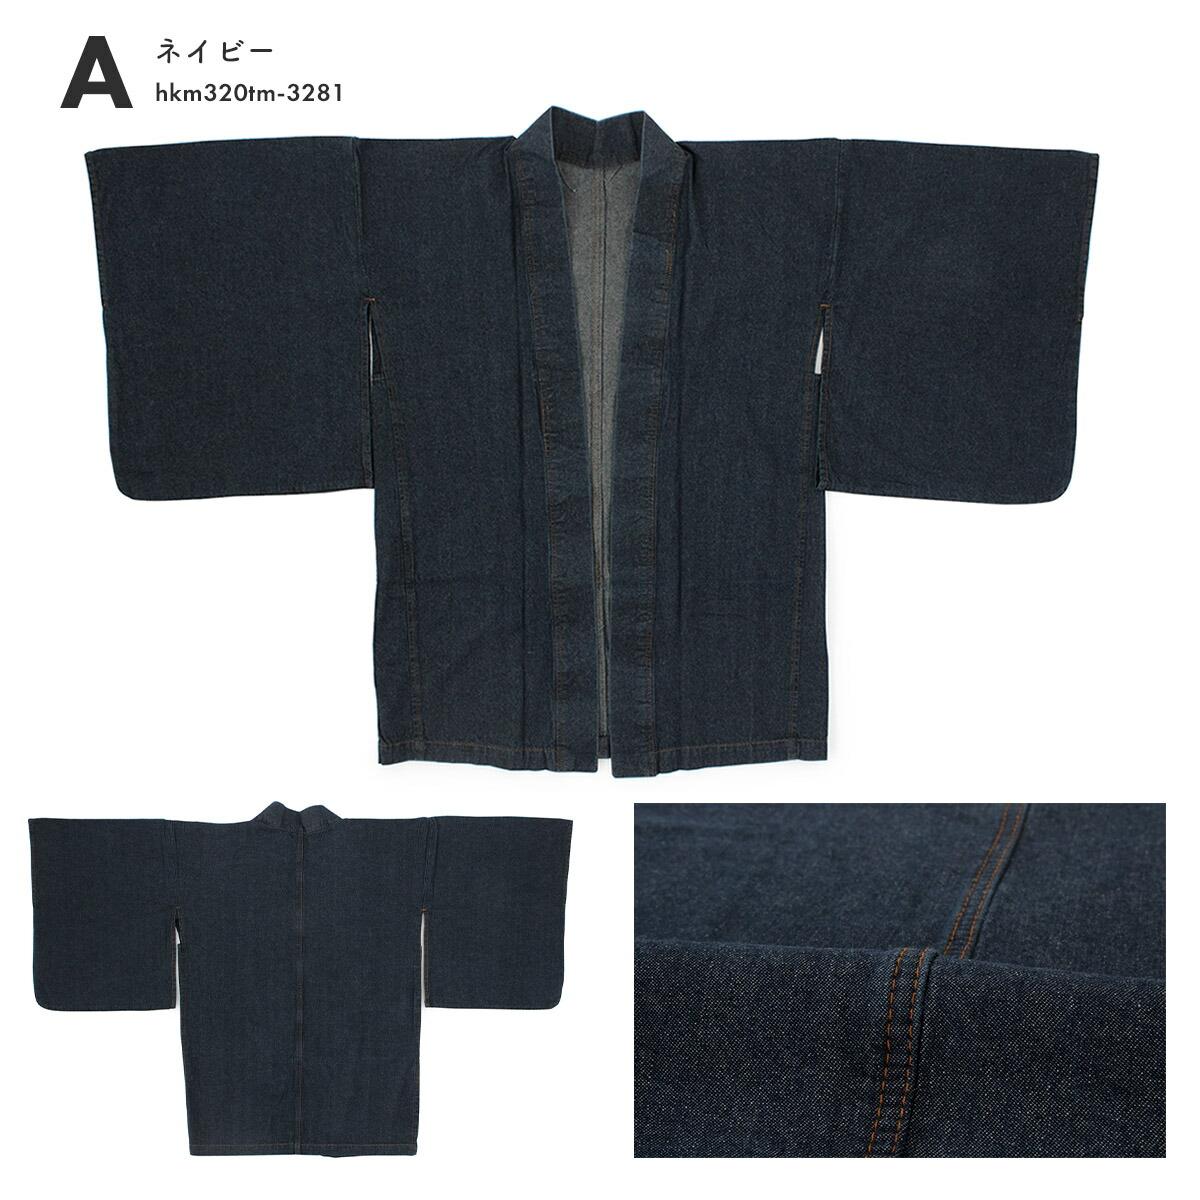 巡-MEGURU-のデニム羽織